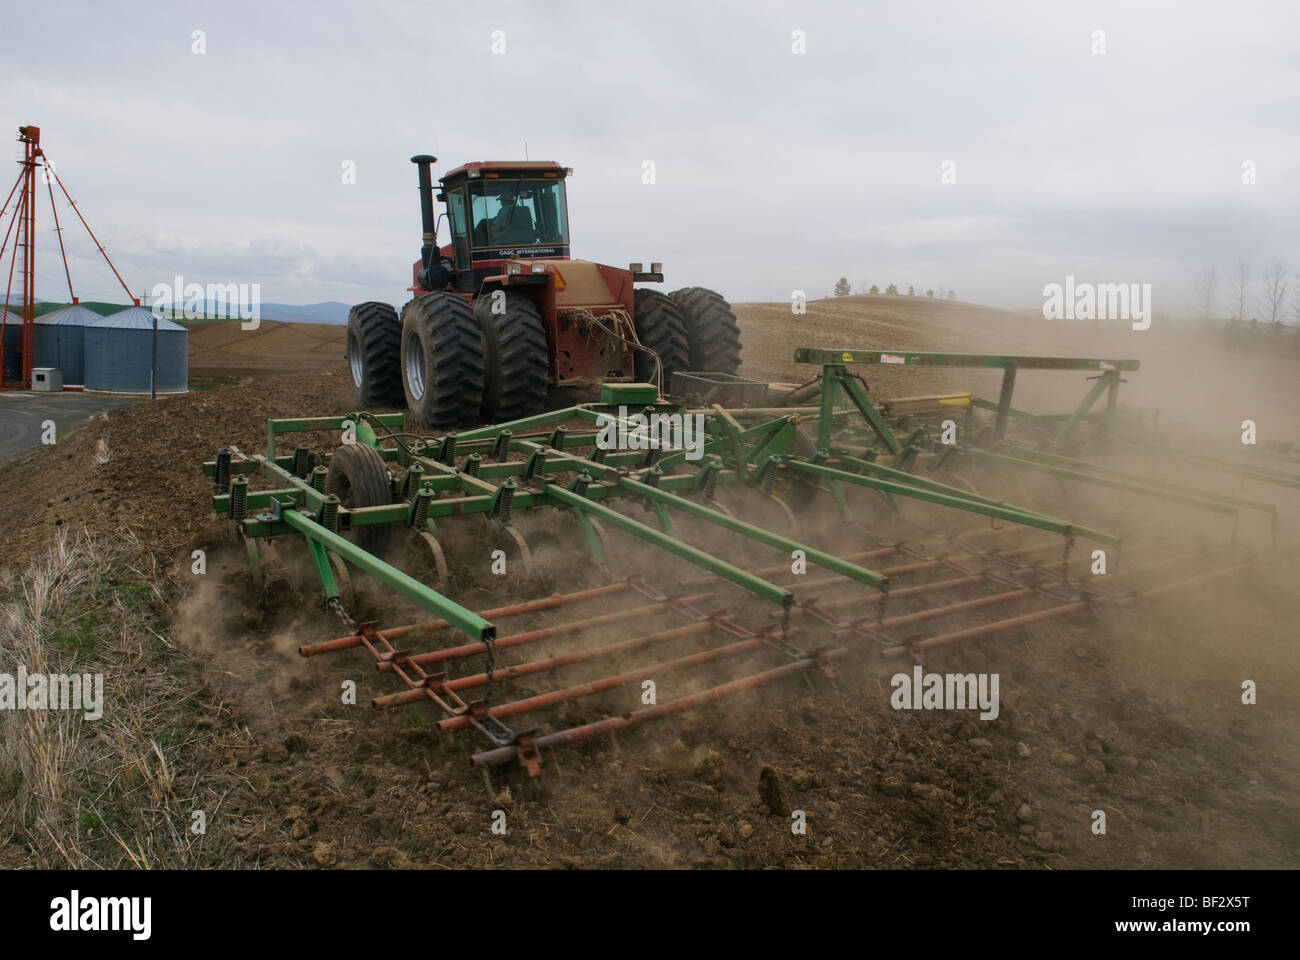 Ein Traktor und Grubber bereitet ein Feld für die Bepflanzung Garbanzo Bohnen / in der Nähe von Pullman, Stockbild